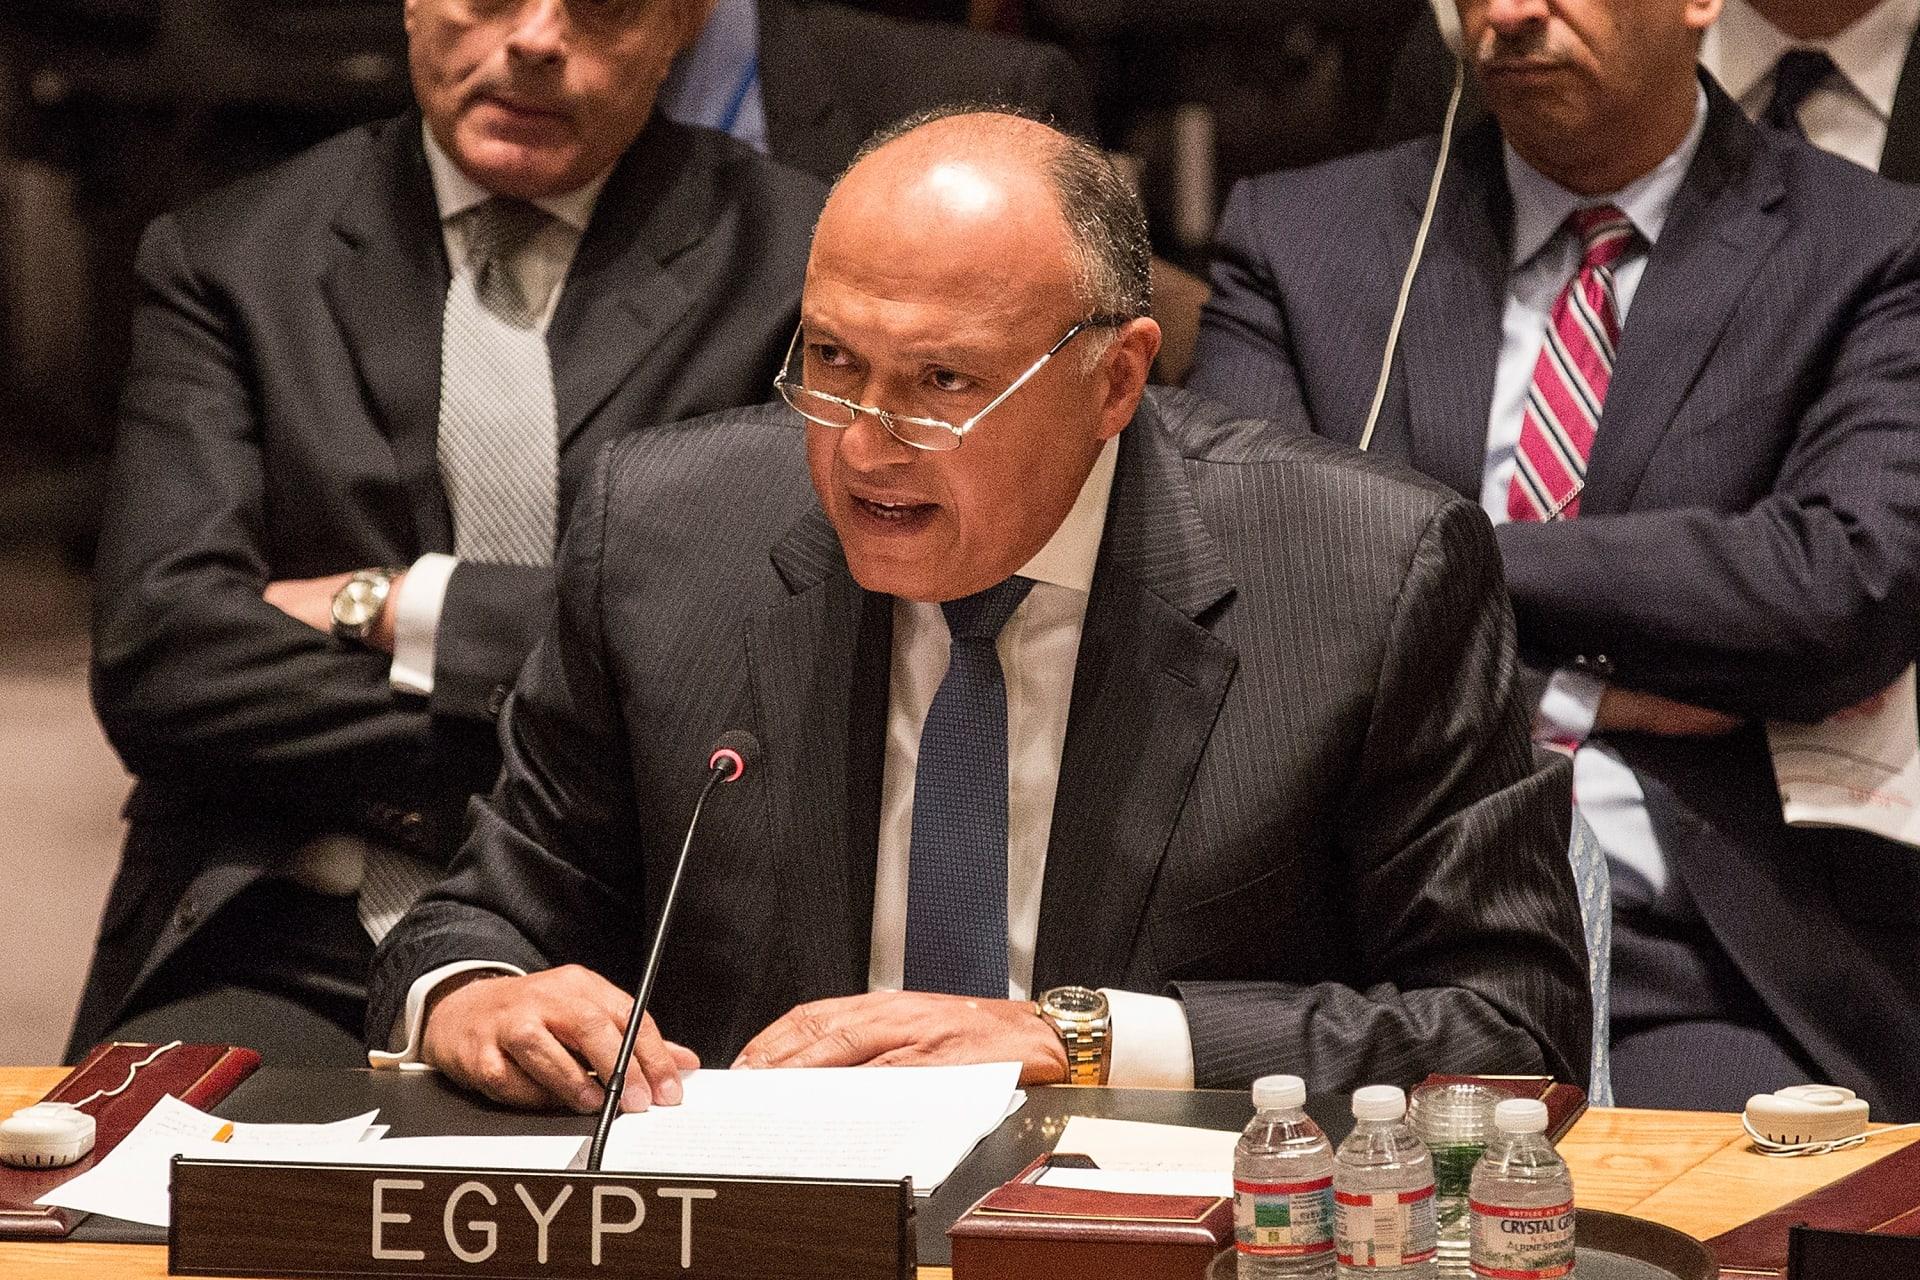 مصر: ندعو الفلسطينيين والإسرائيليين إلى دراسة متأنية للرؤية الأمريكية للسلام